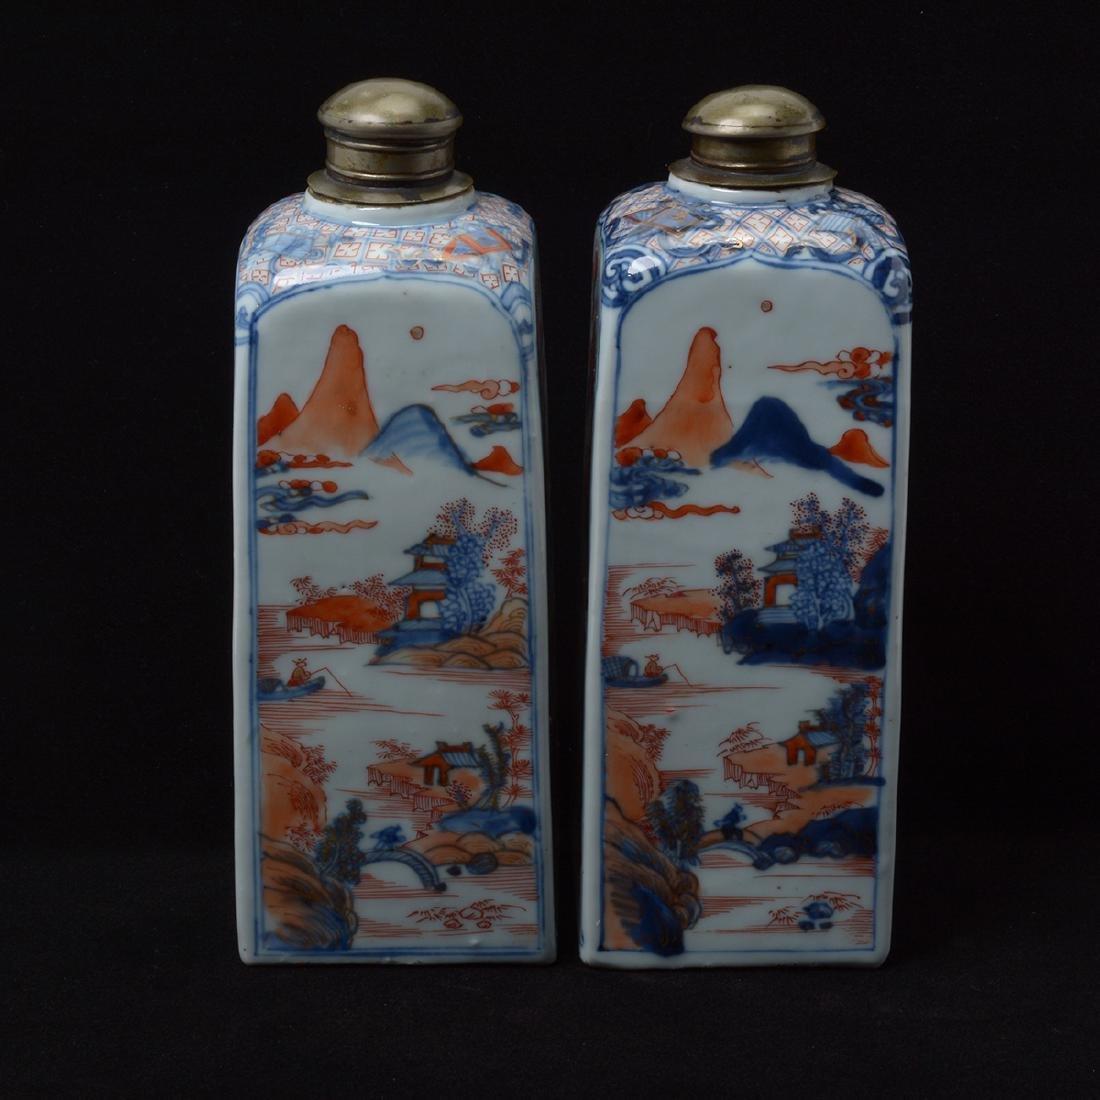 Pair of Chinese Imari Square Bottles, Kangxi Period - 3